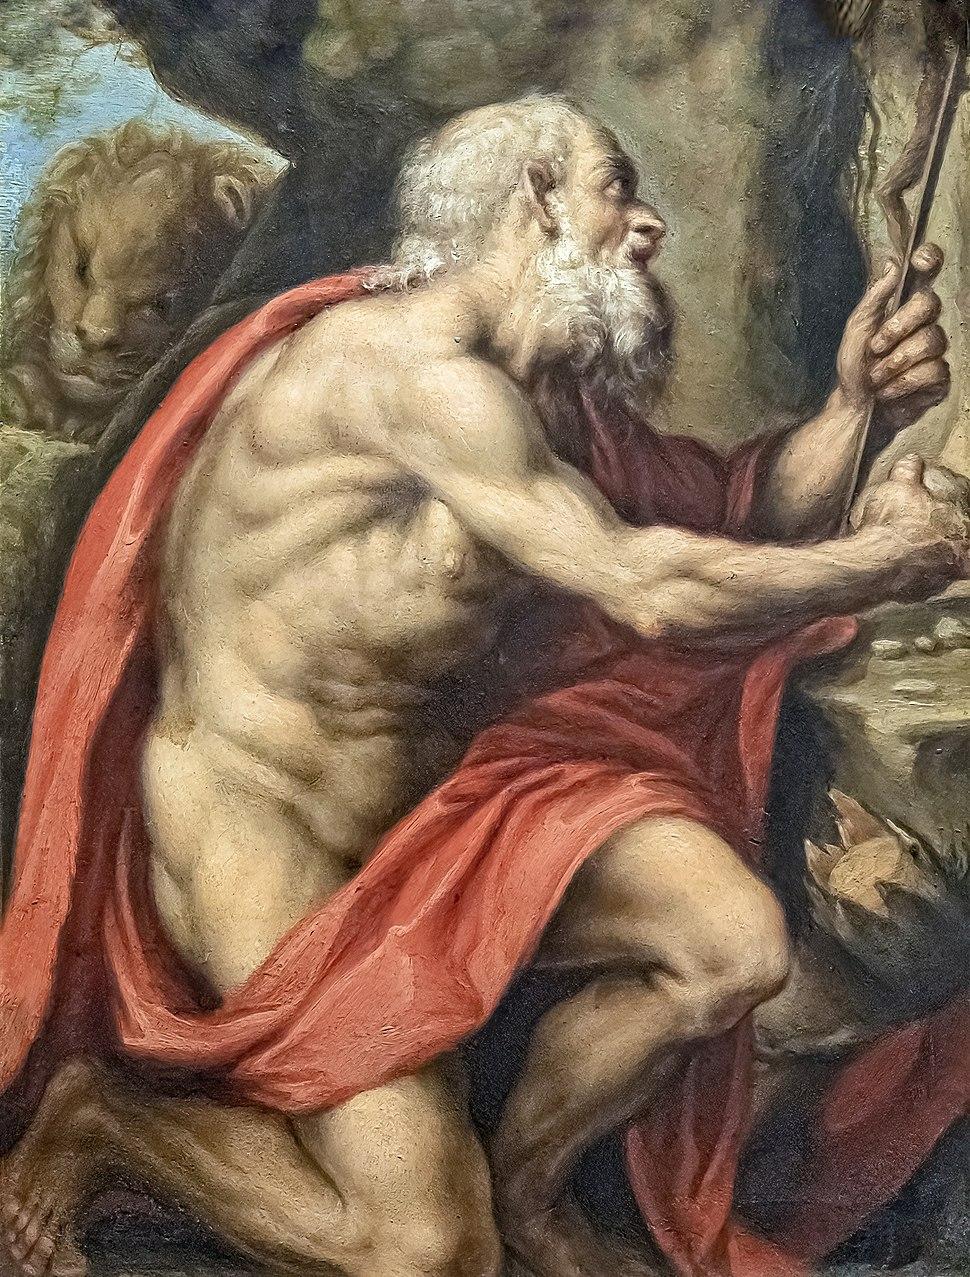 Bemberg Fondation Toulouse - Saint Jérôme - Bruzzi Ca 1580 - peinture sur cuivre Inv.1007 45x40